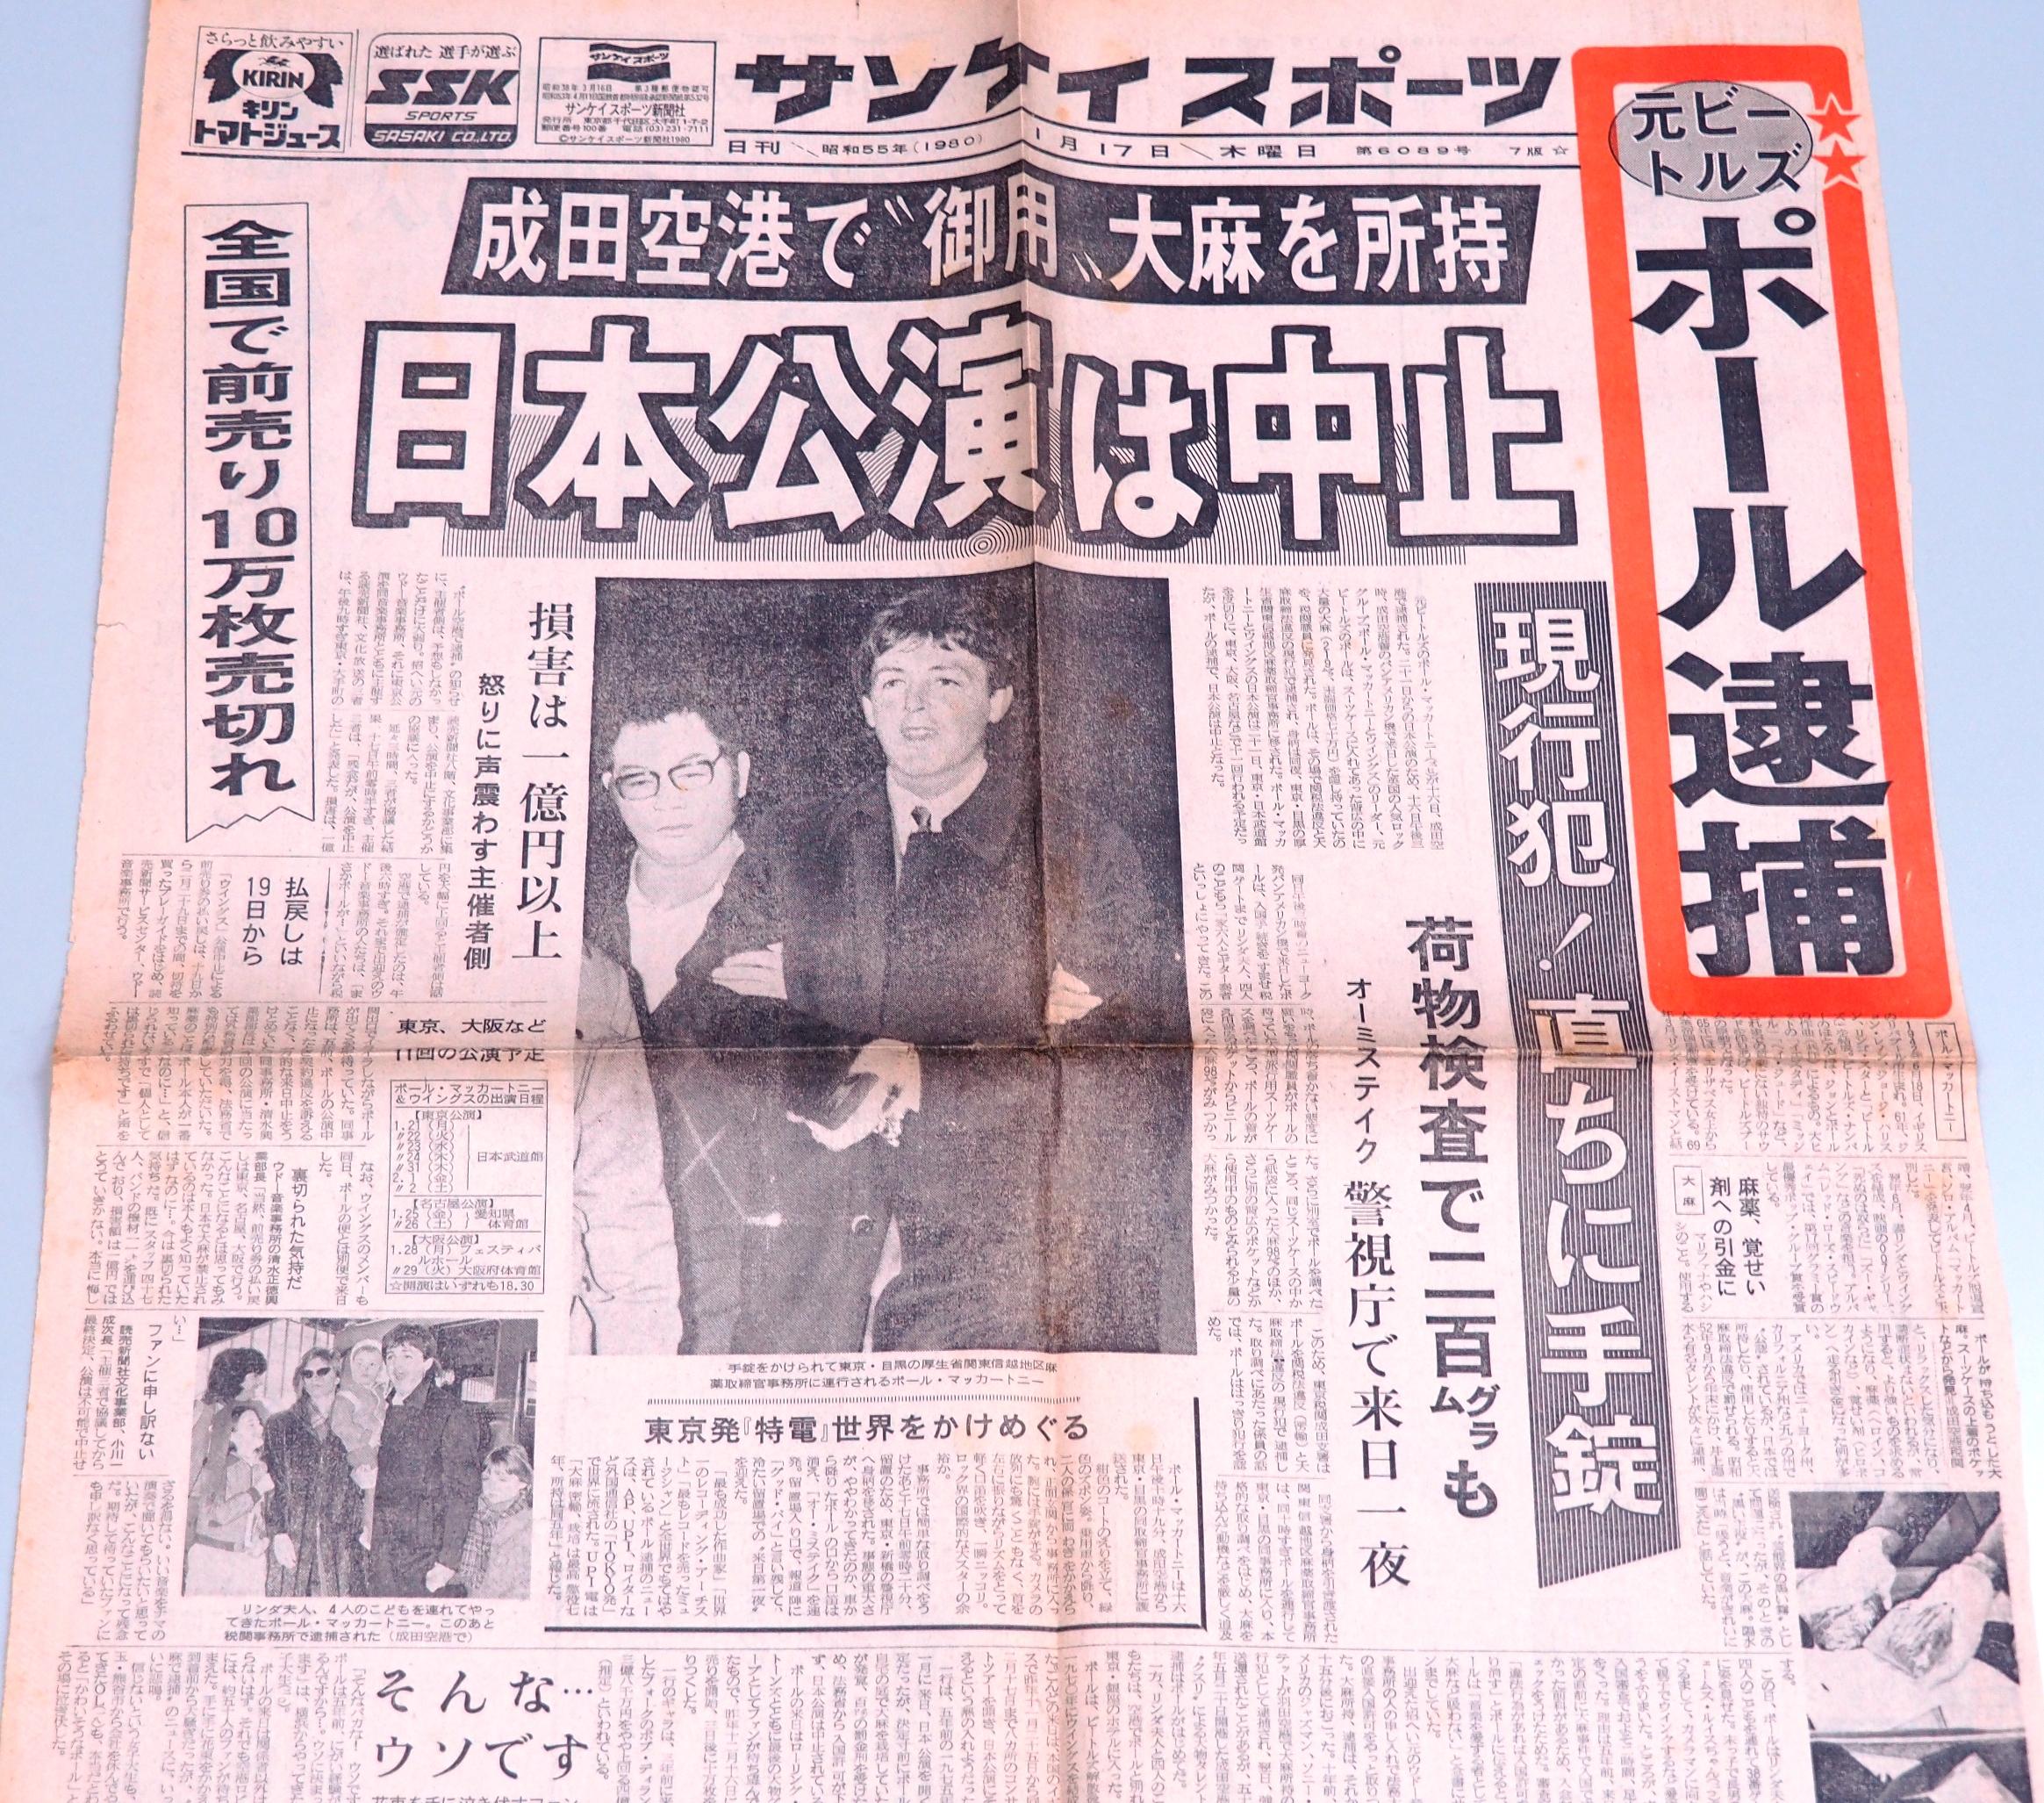 「ポール逮捕」を報じる、1980年1月17日付のサンケイスポーツ。